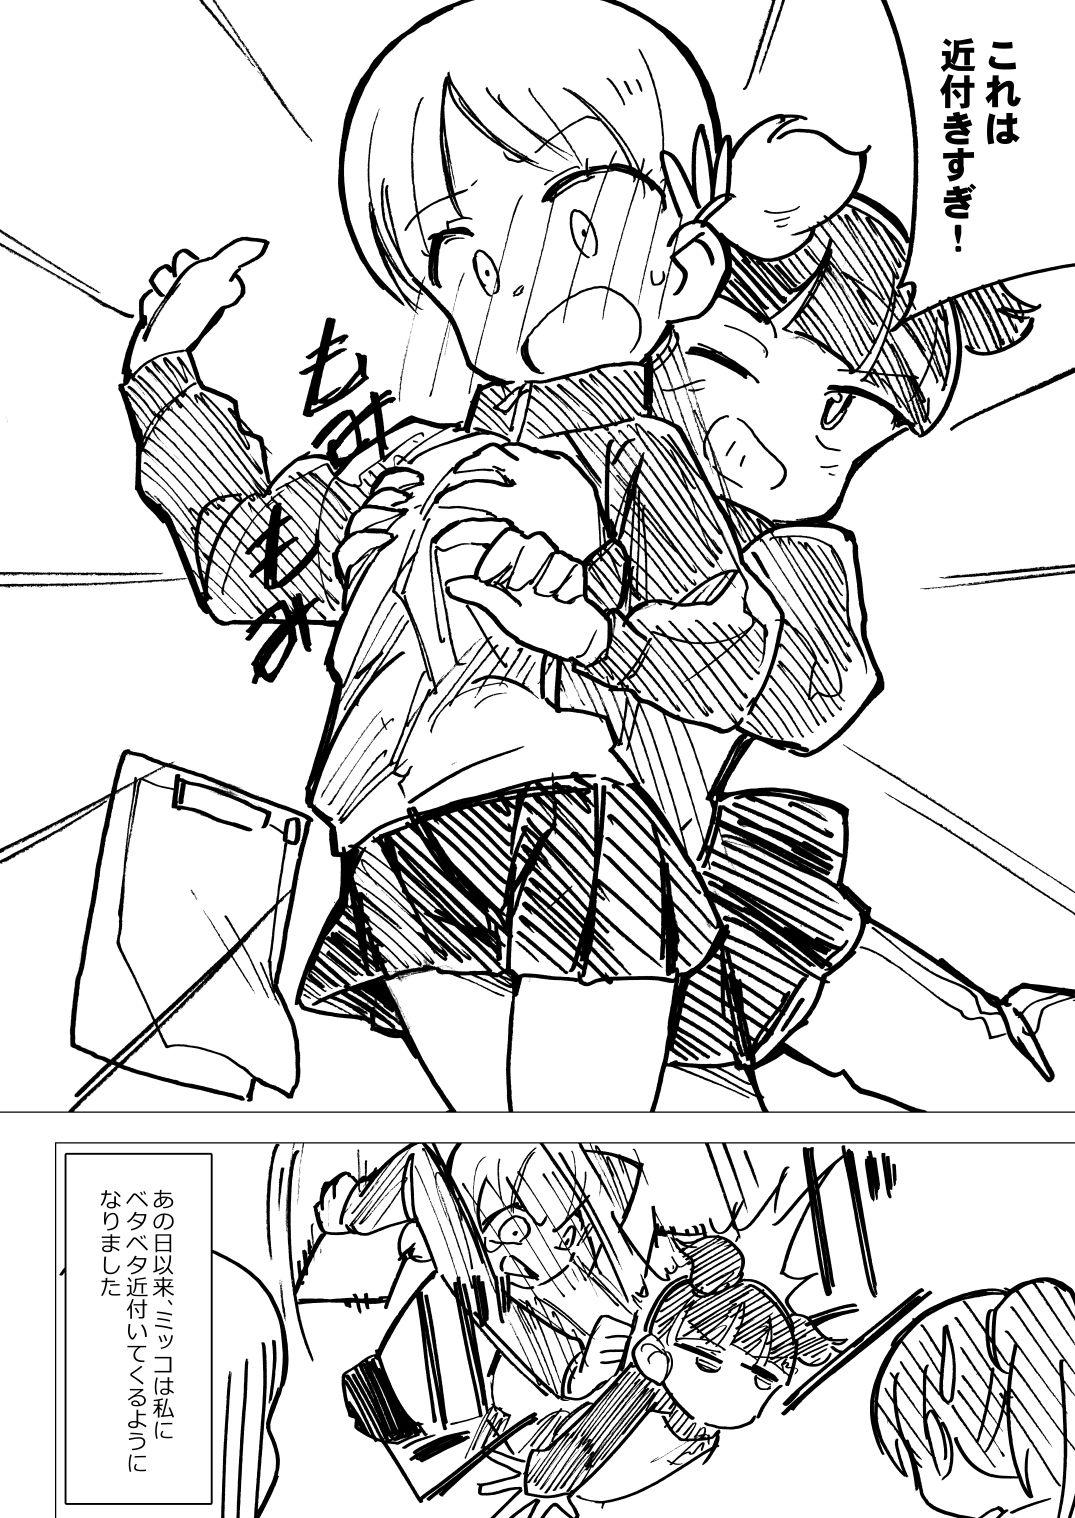 Nee Aki Kocchi Muite + 1 6